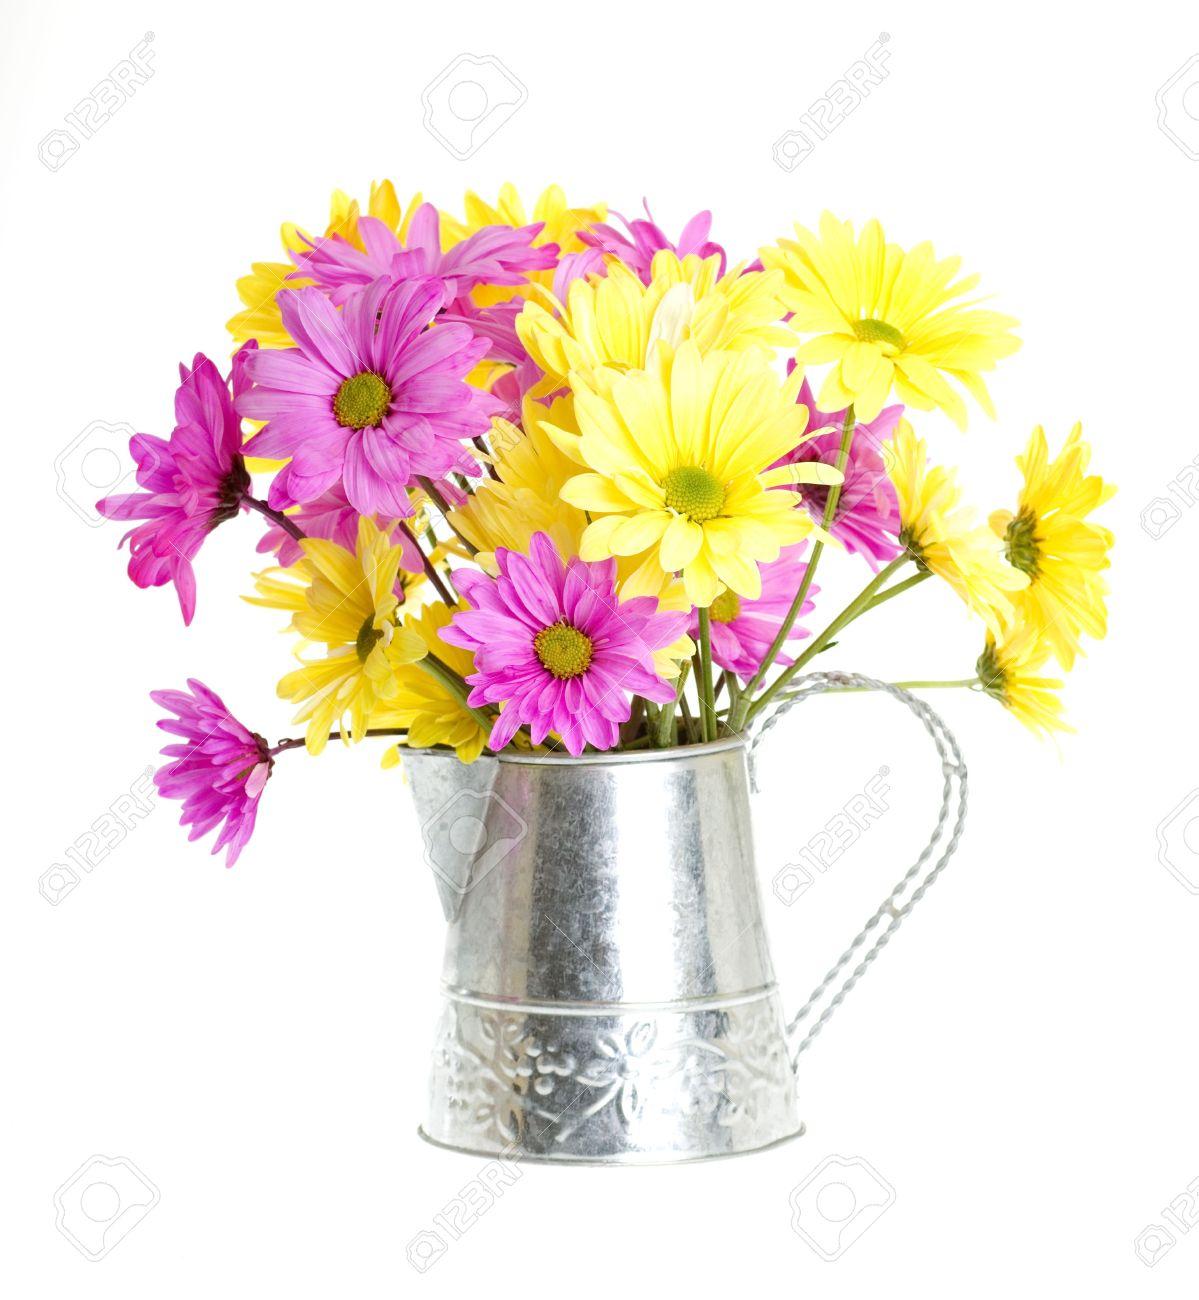 Chrysanthemum Maximum Assortment Of Yellow And Pink Shasta Stock